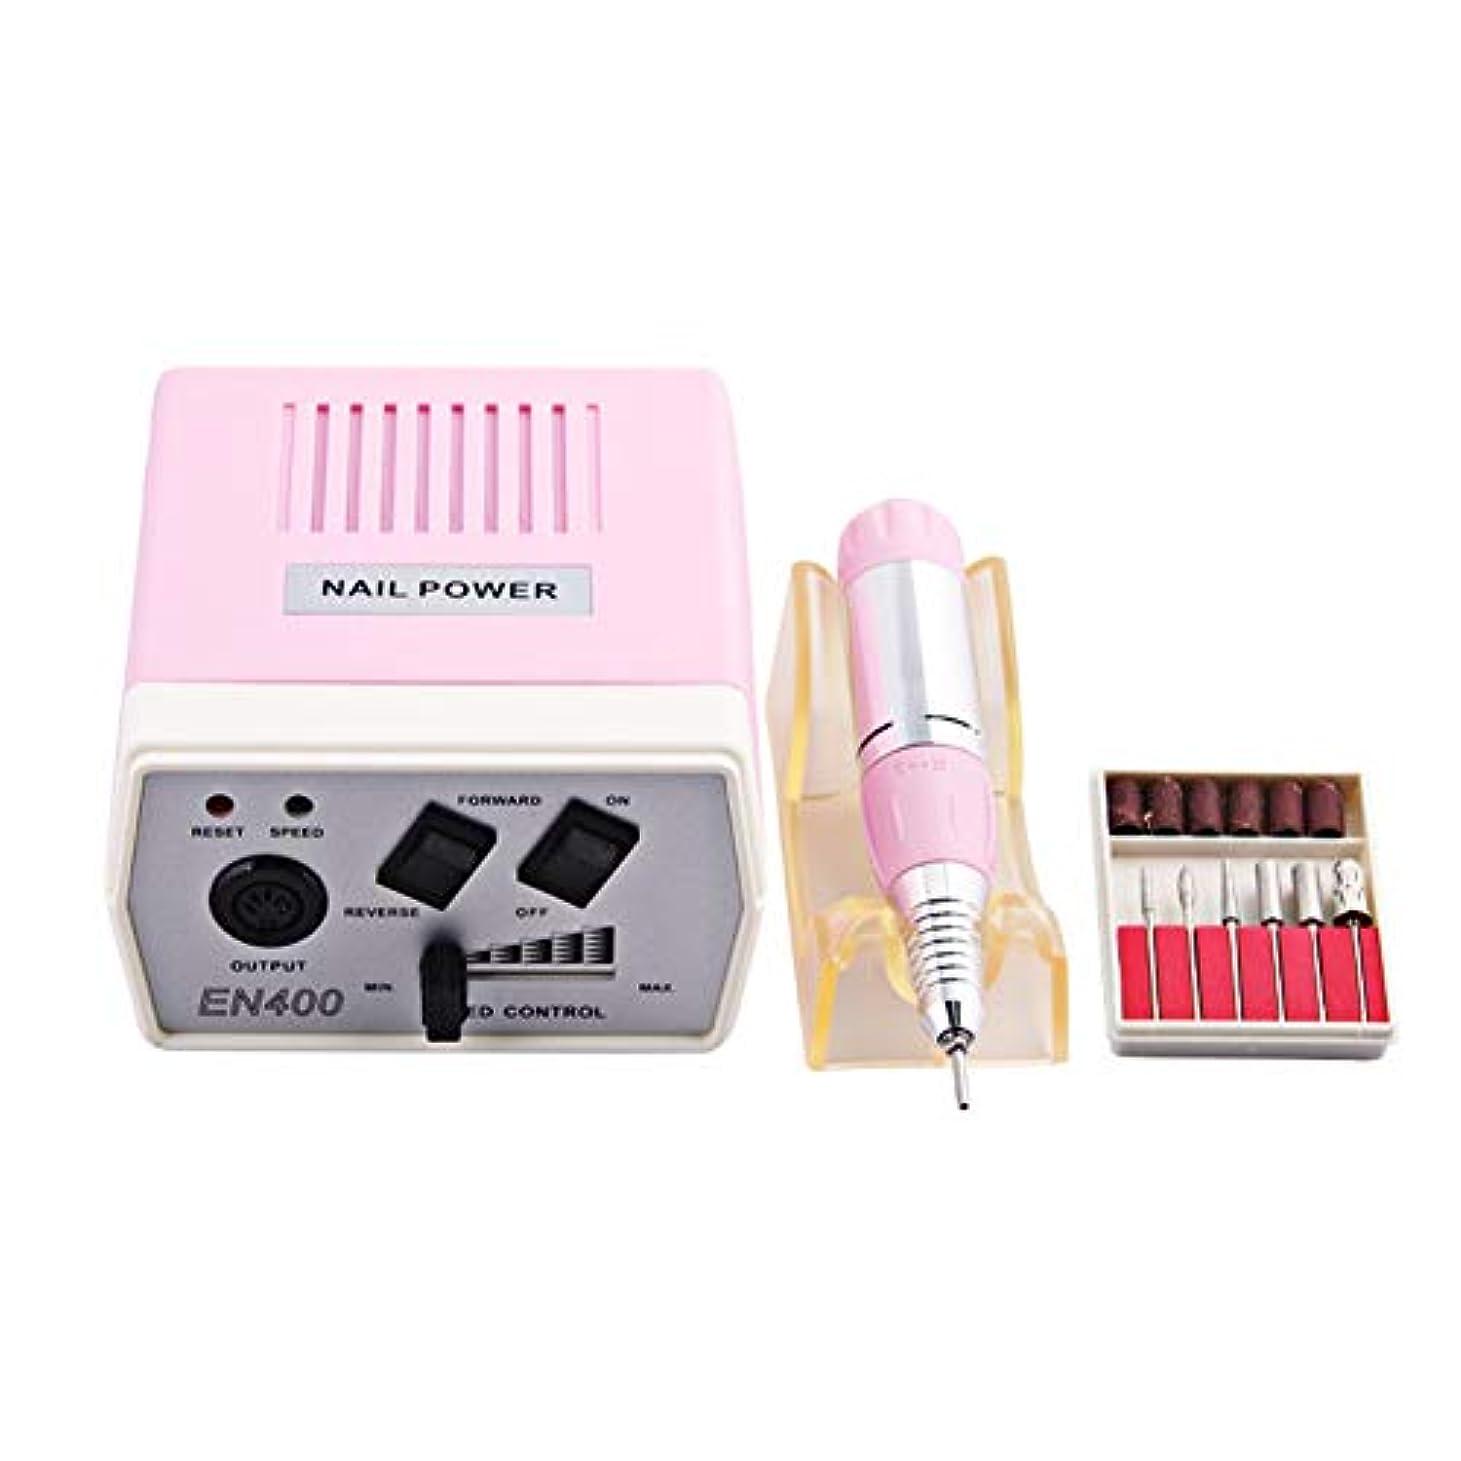 電気ネイルドリル35W 30000RPMネイル機器マニキュア工作機械ペディキュアアクリルフライスネイルアートドリルペンマシンセット,ピンク